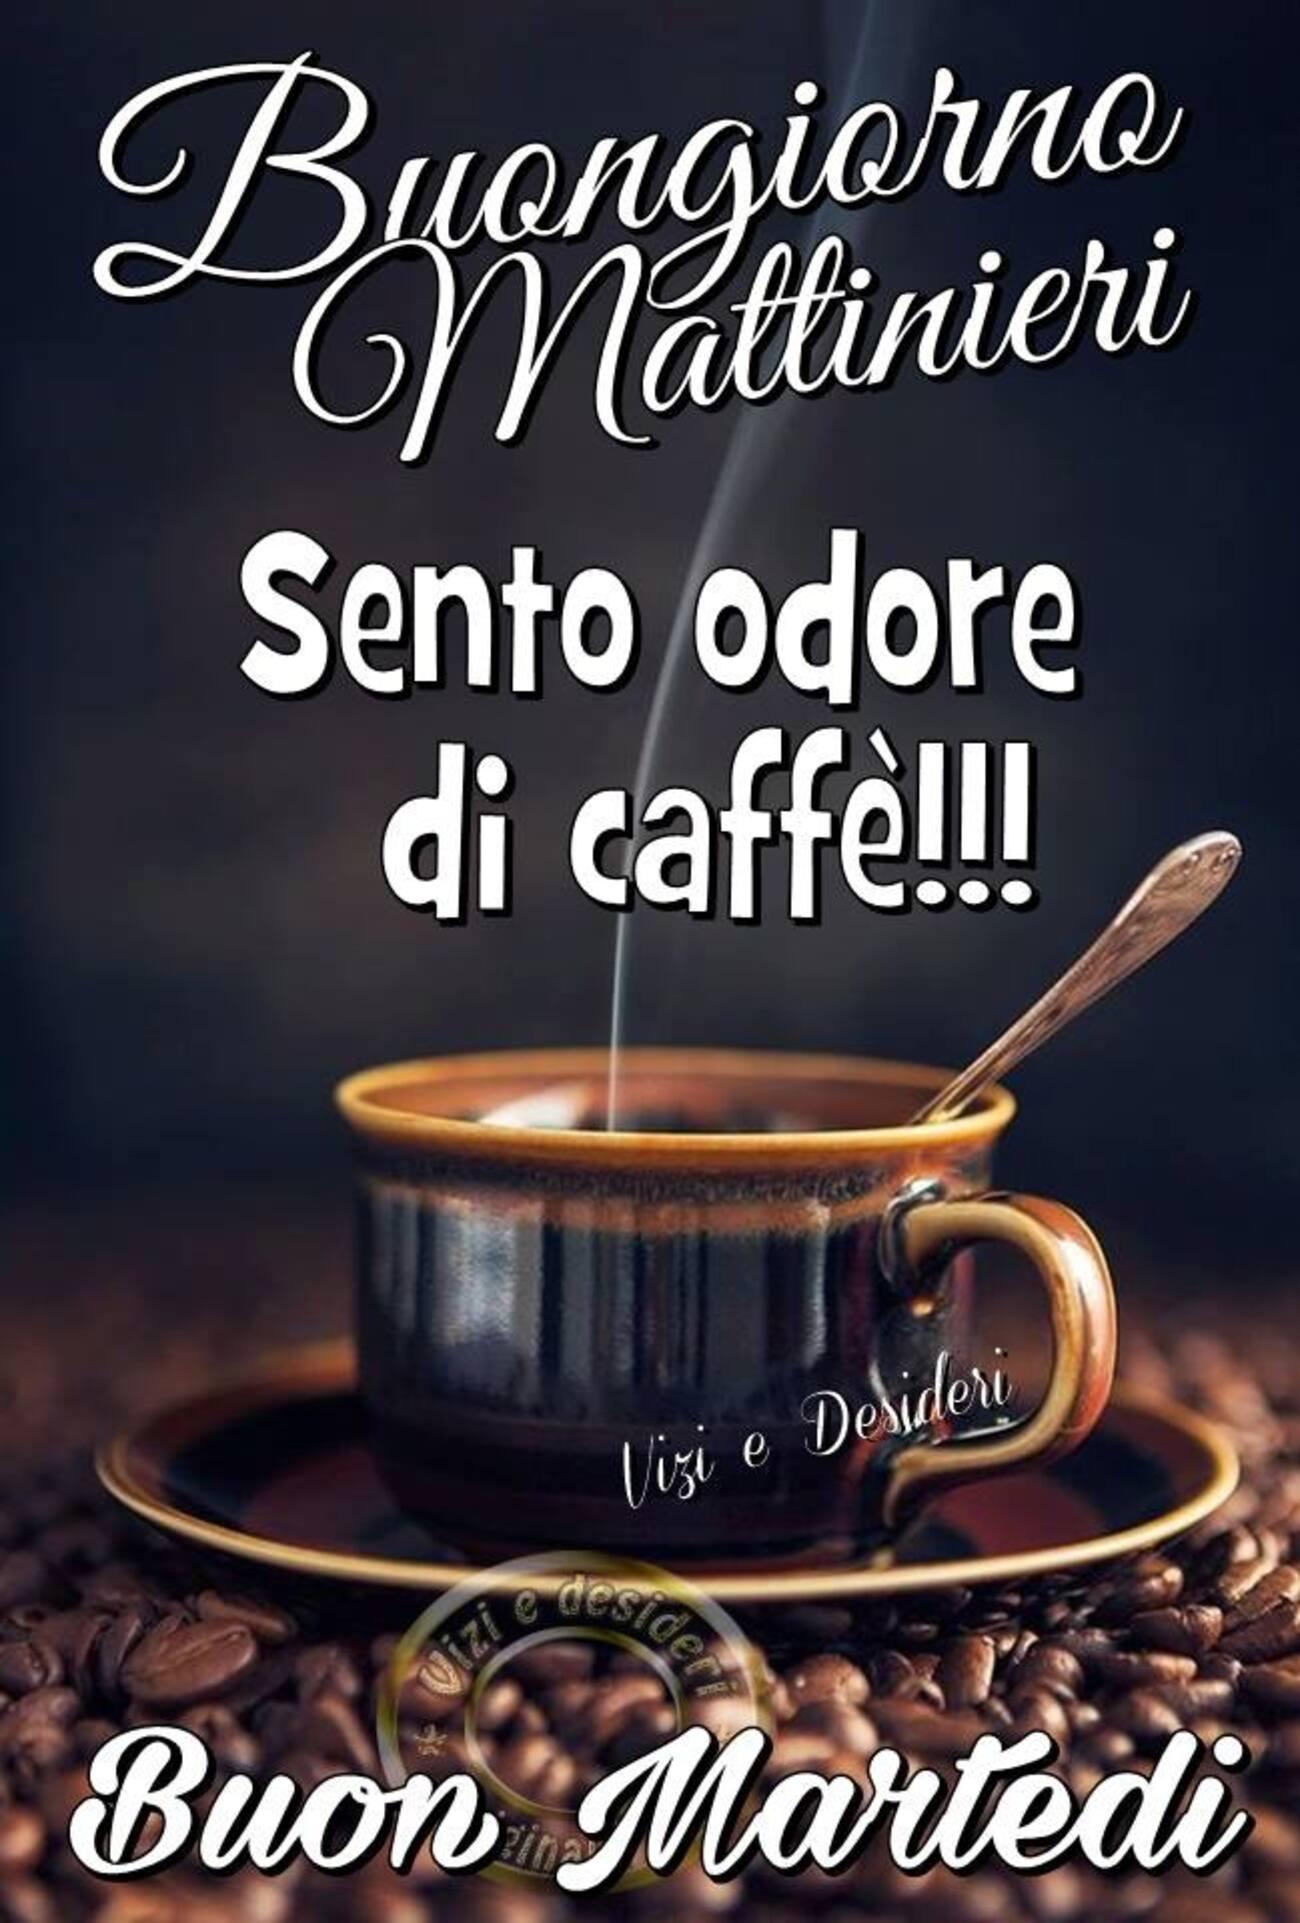 Buongiorno MAttinieri sento odore di caffè!!! Buon Martedì